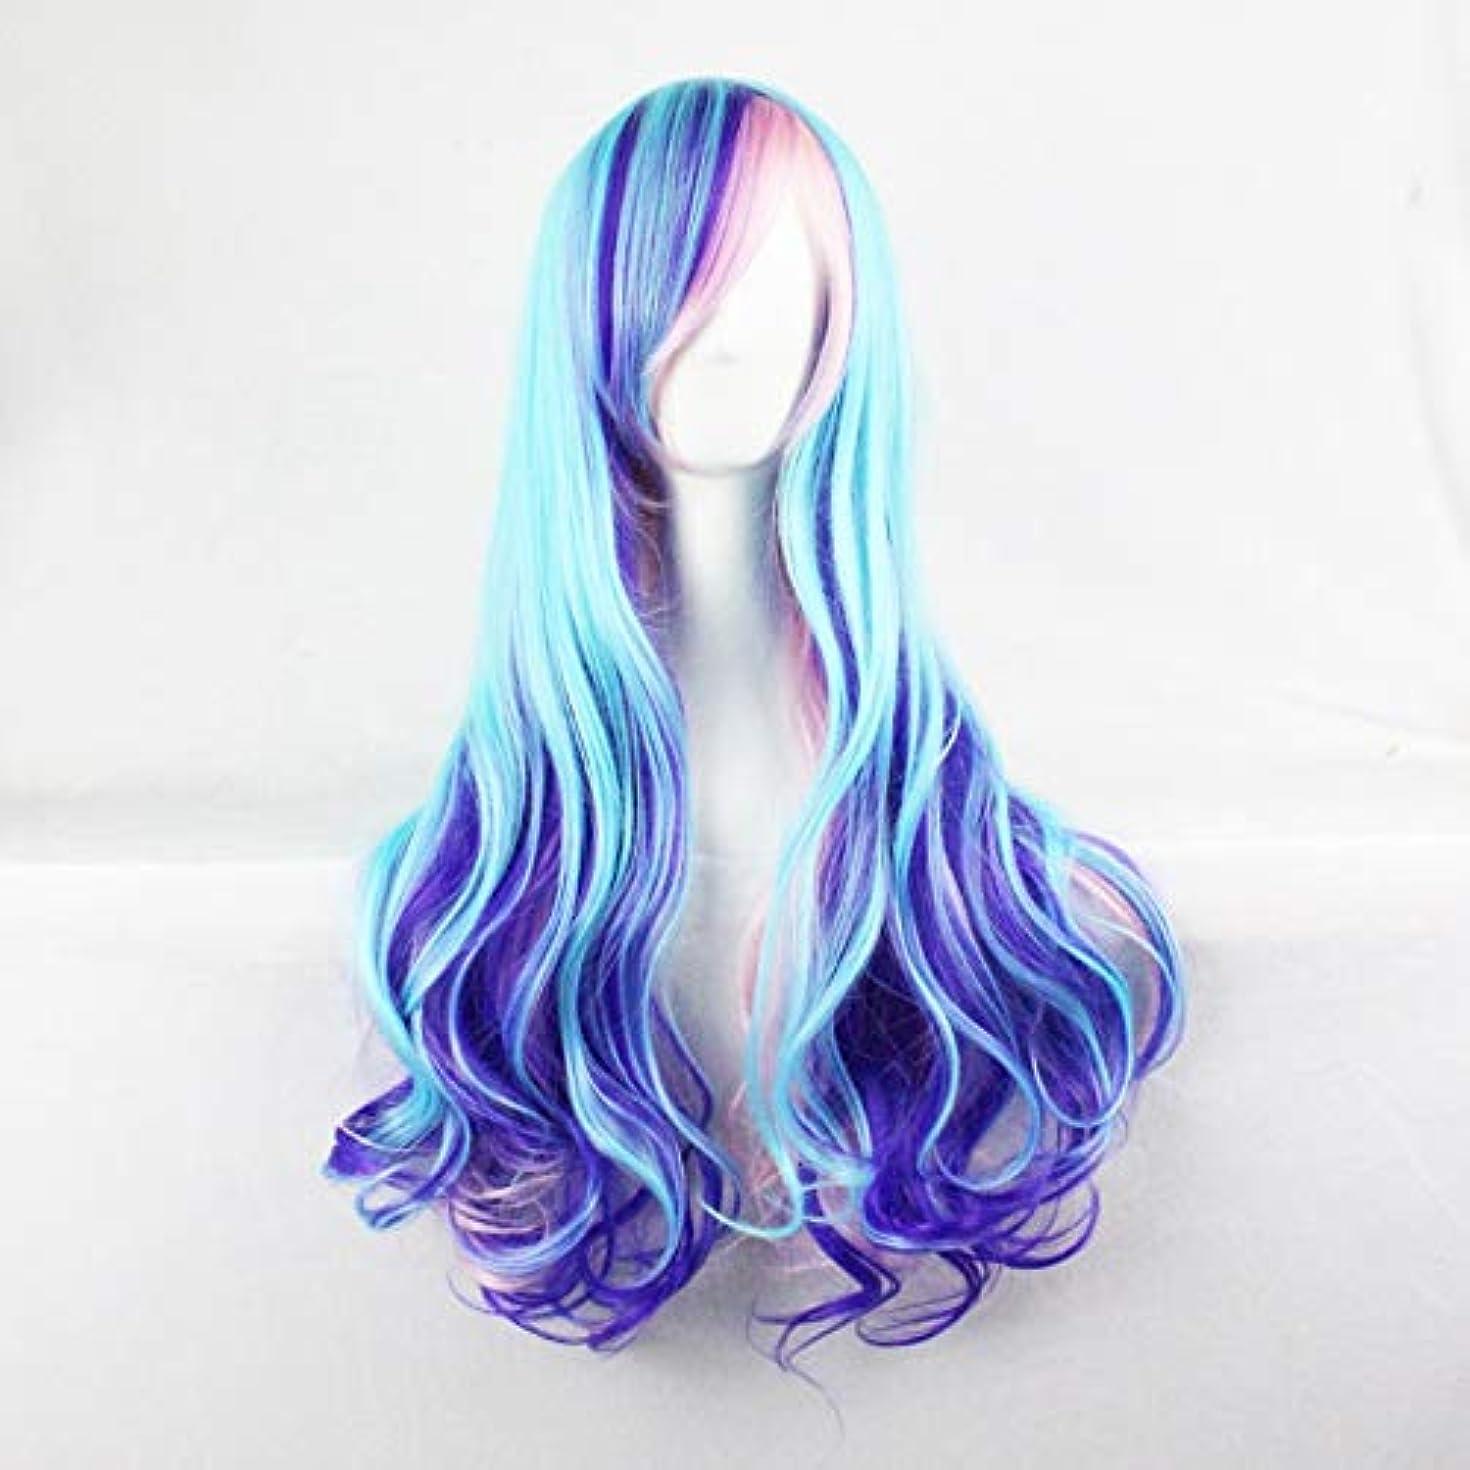 航空会社分類ゲージかつらキャップでかつらファンシードレスカールかつら女性用高品質合成毛髪コスプレ高密度かつら女性&女の子ブルー、ピンク、パープル (Color : 青)